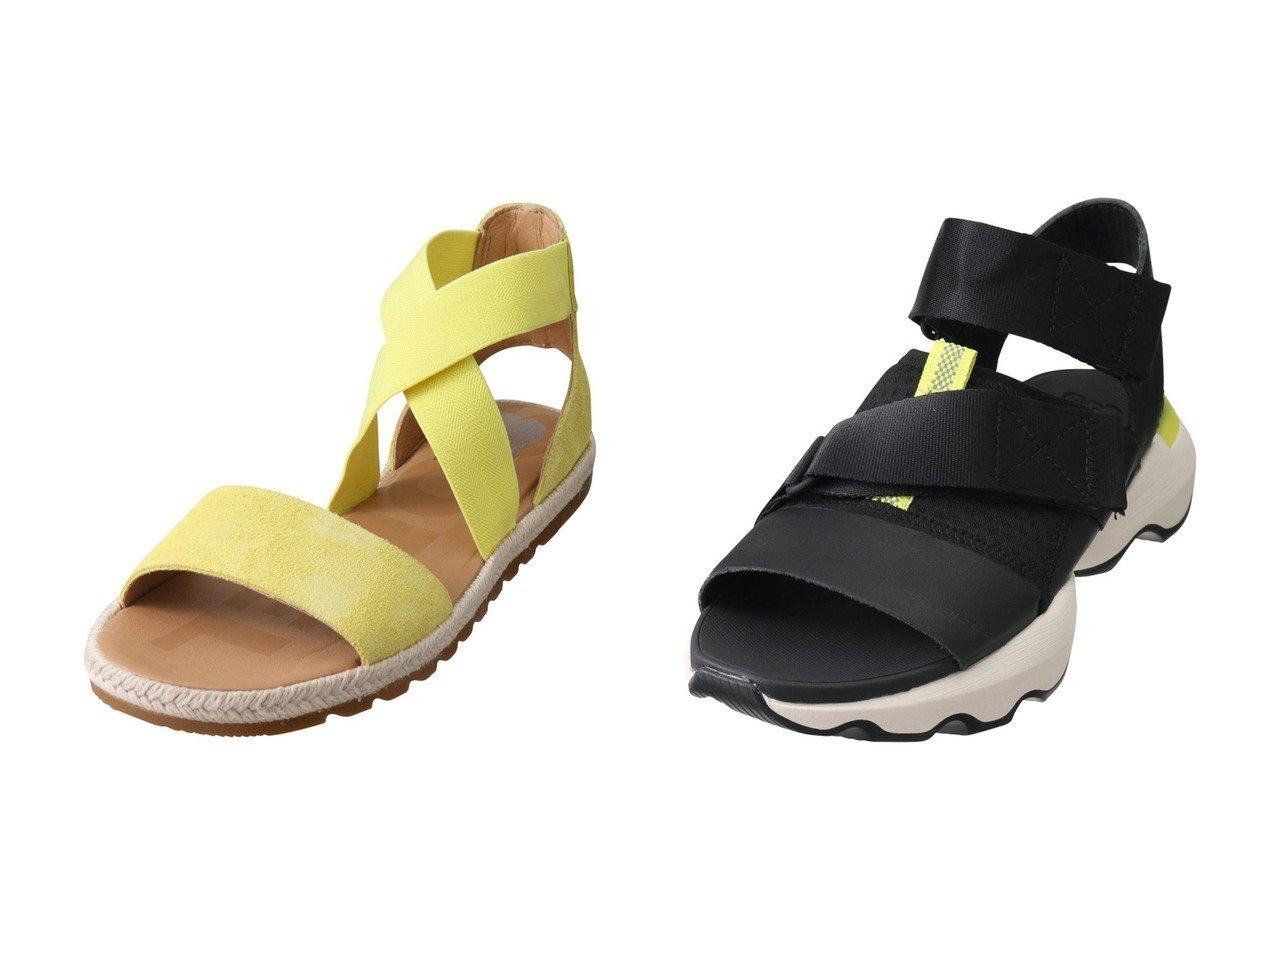 【SOREL/ソレル】のキネティックインパクトサンダル&エラII サンダル 【シューズ・靴】おすすめ!人気、トレンド・レディースファッションの通販 おすすめで人気の流行・トレンド、ファッションの通販商品 メンズファッション・キッズファッション・インテリア・家具・レディースファッション・服の通販 founy(ファニー) https://founy.com/ ファッション Fashion レディースファッション WOMEN サンダル スポーツ トレンド 人気 今季 クッション ジュート ソックス 定番 Standard |ID:crp329100000035464